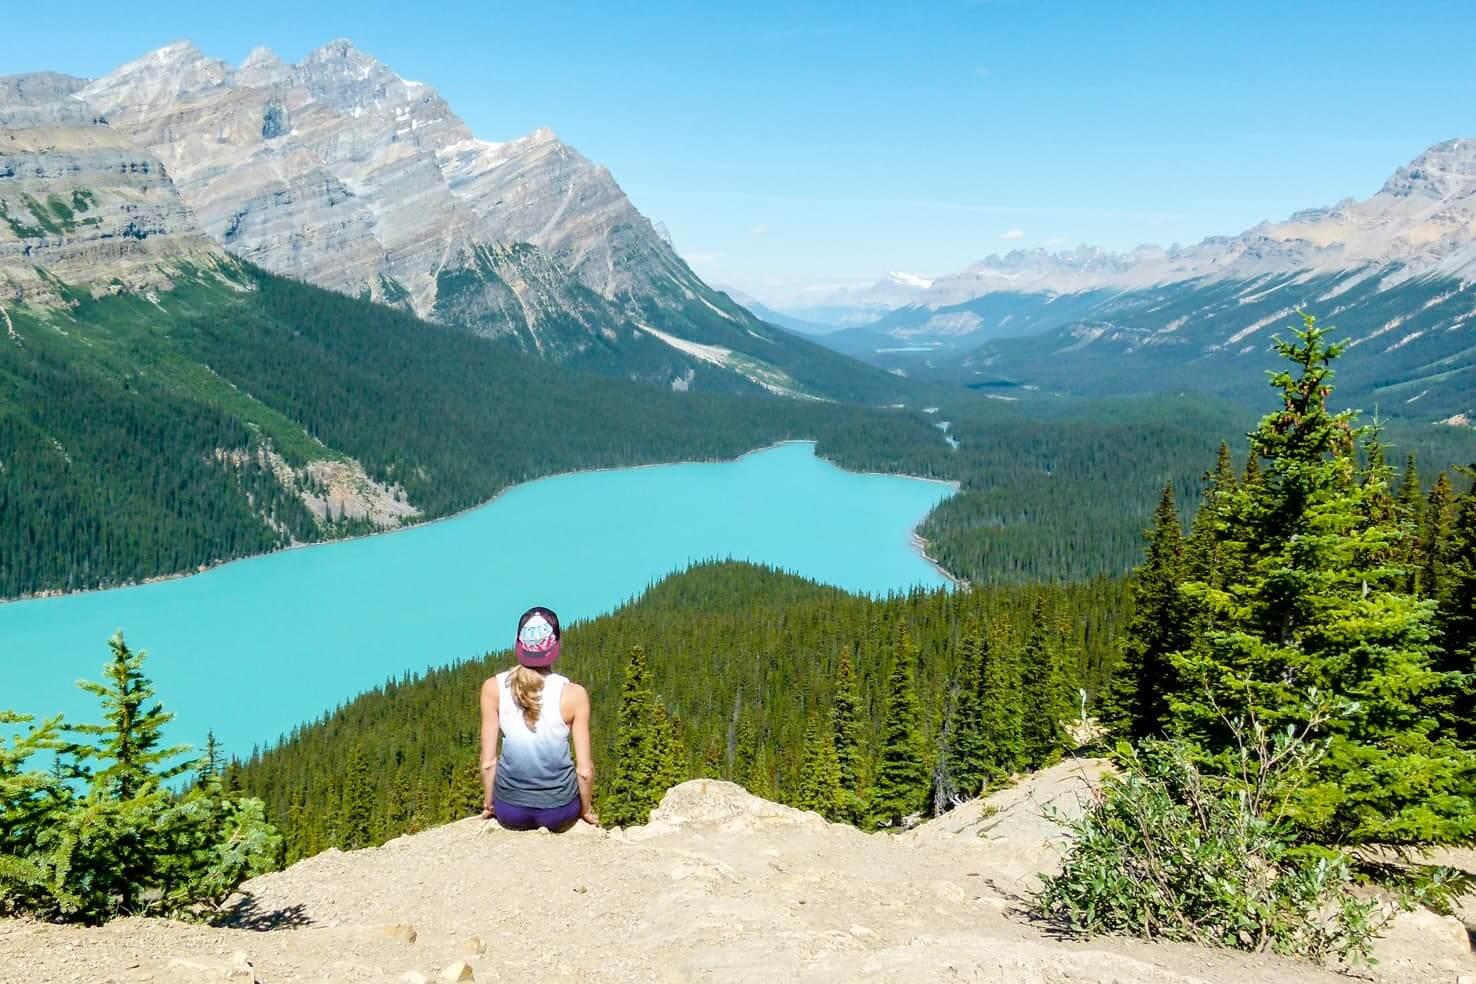 Αποτέλεσμα εικόνας για Peyto Lake, Canada